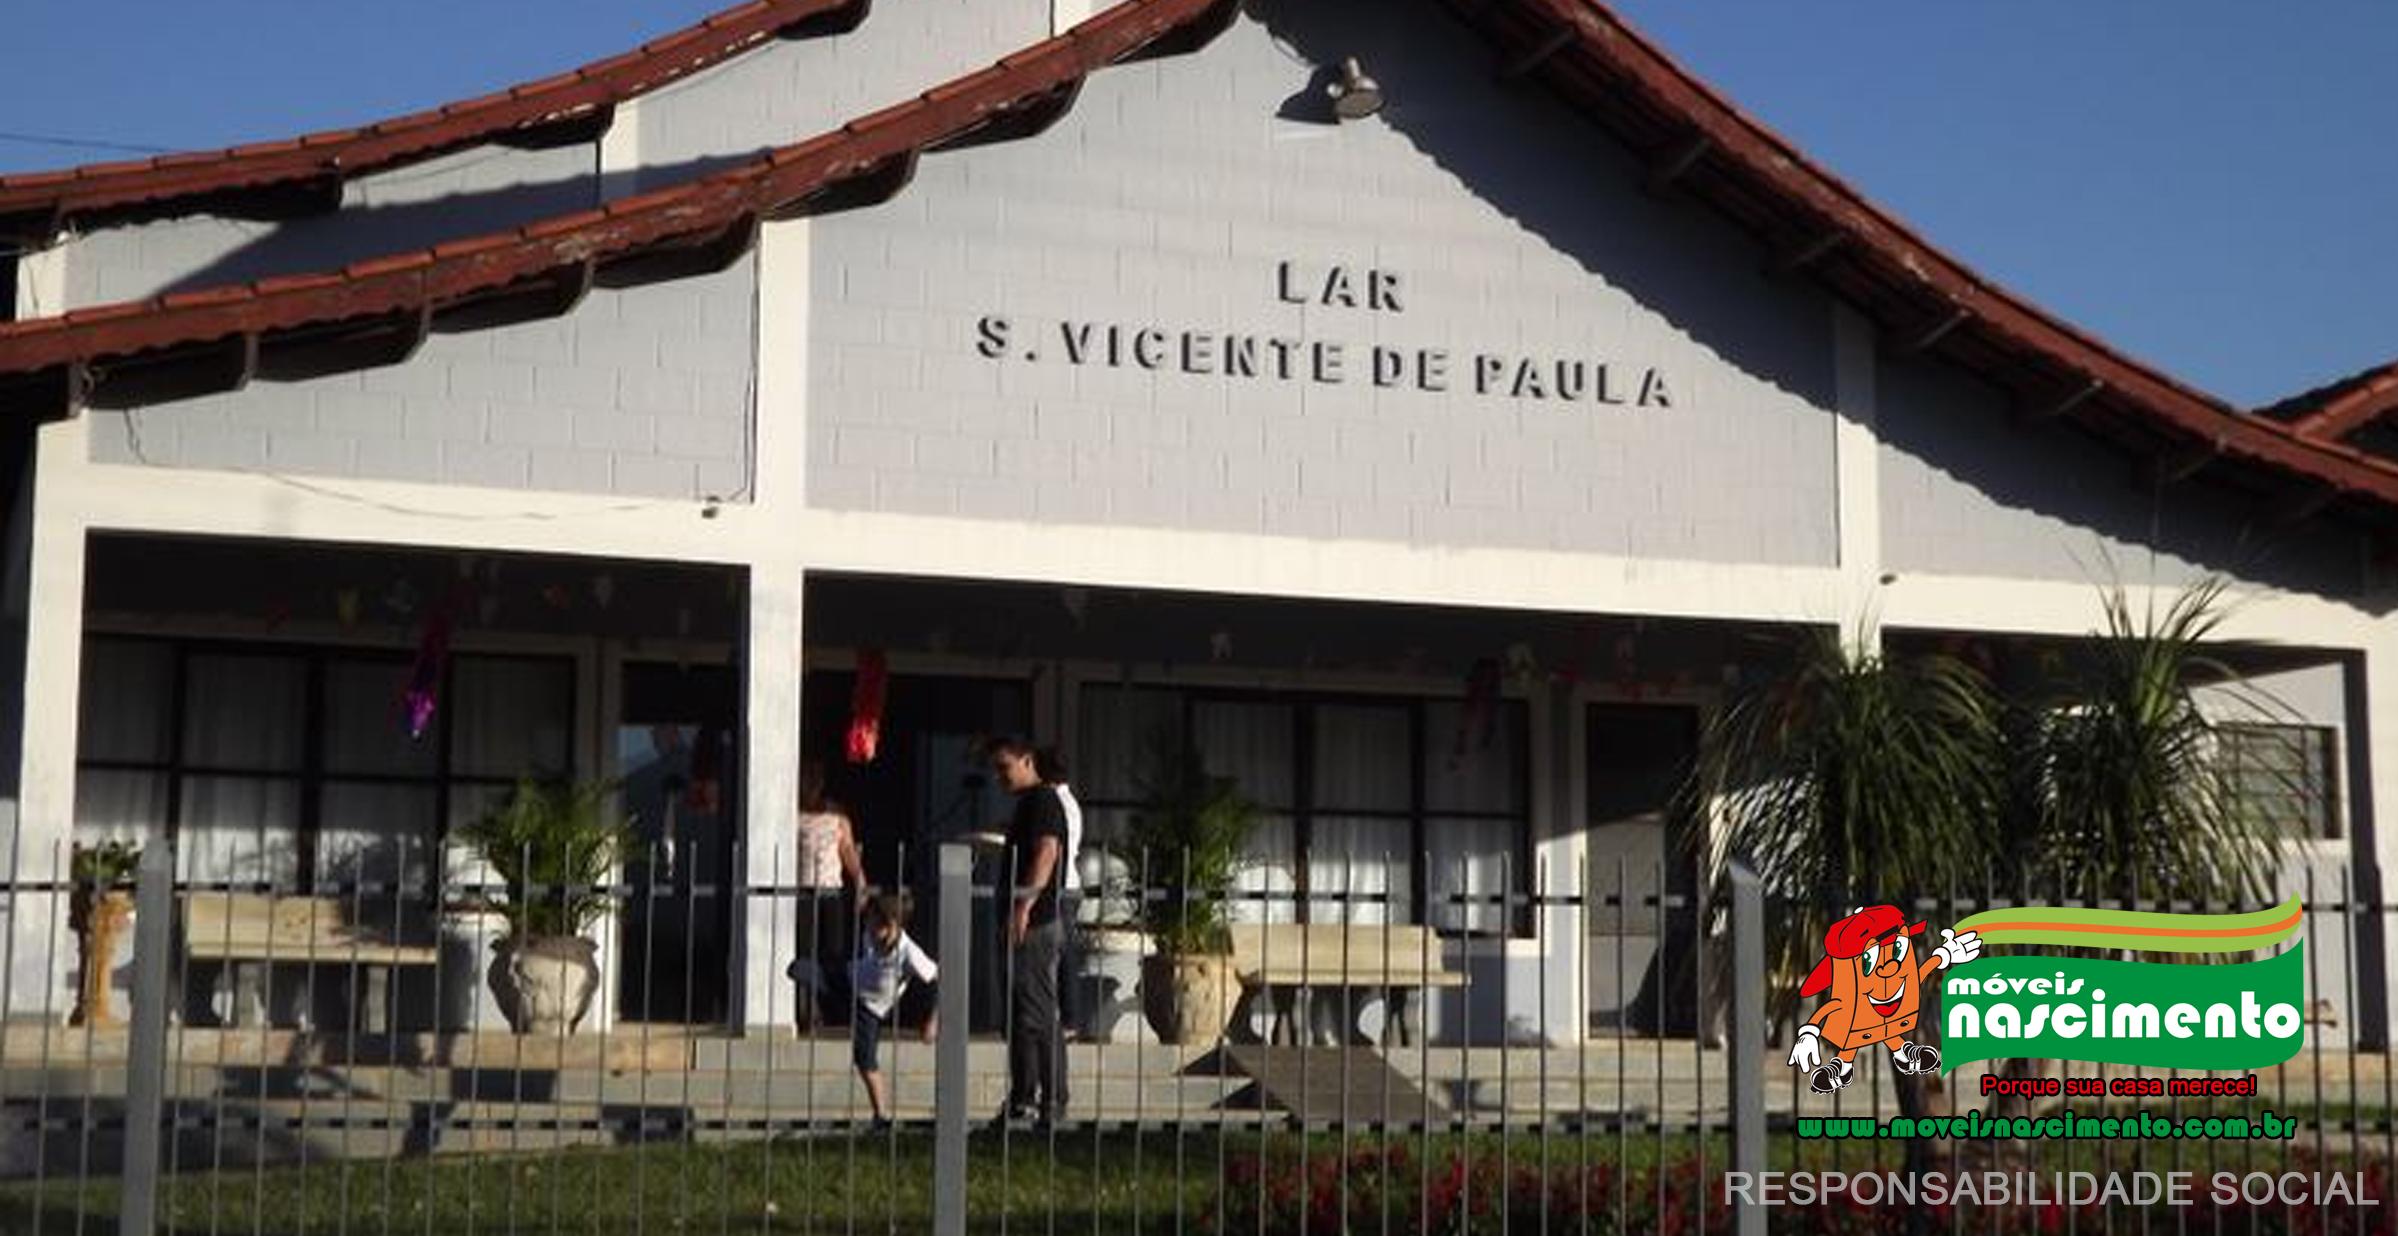 Lar São Vicente de Paula